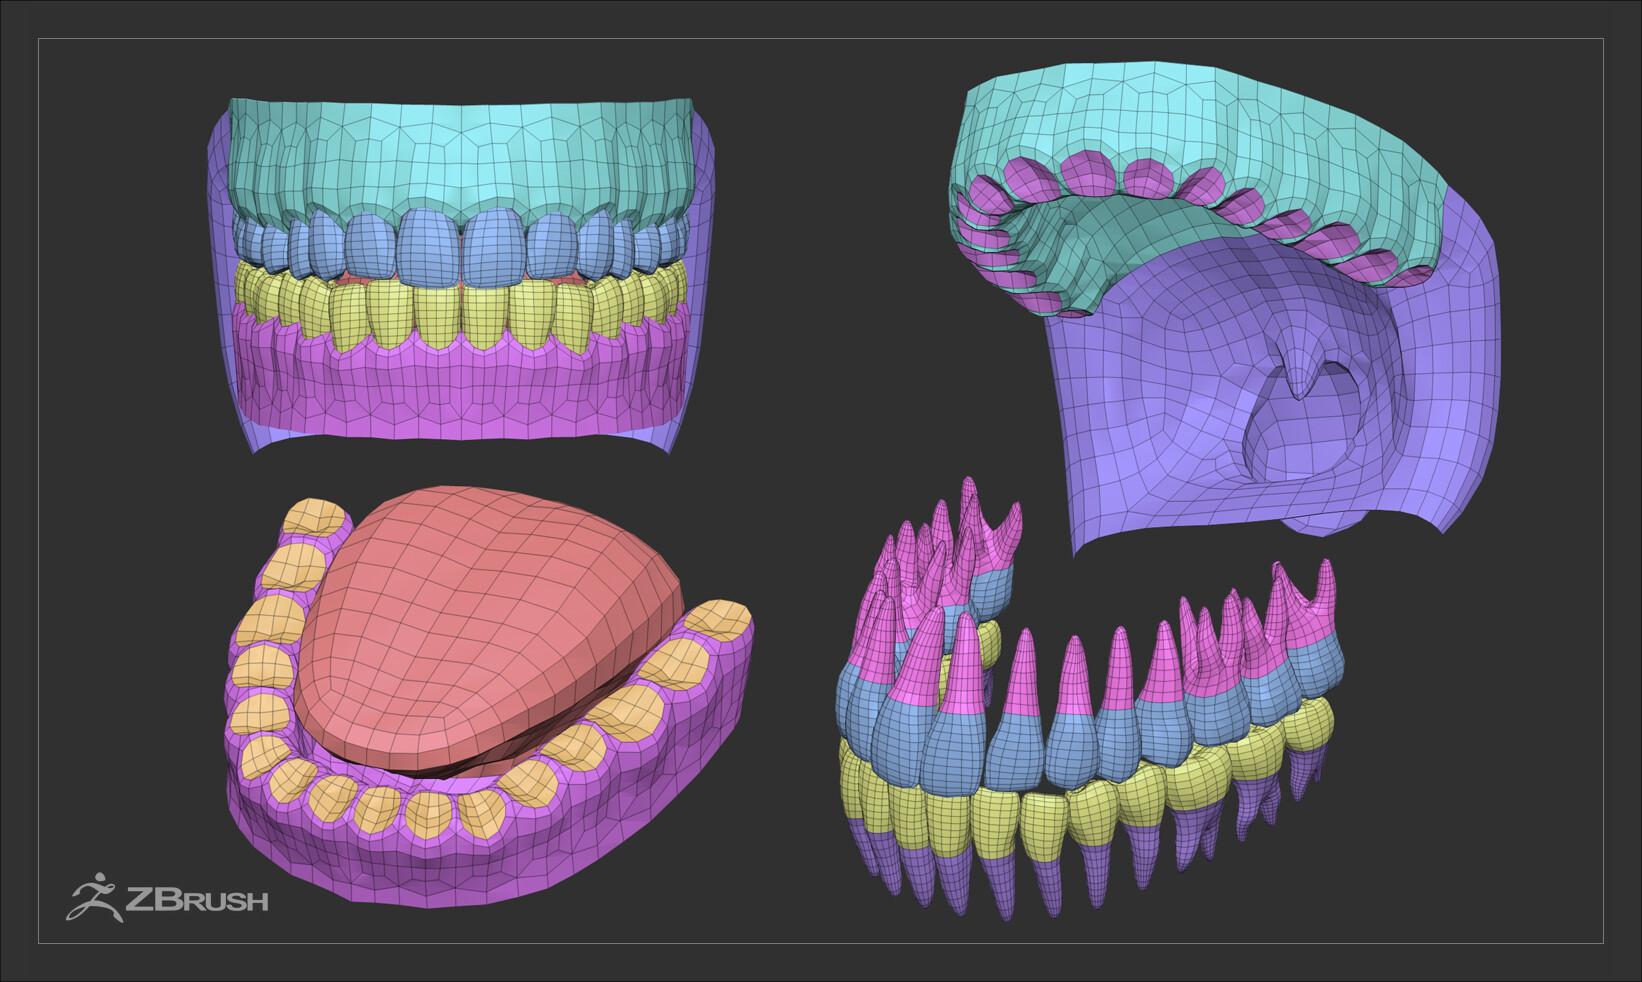 Alex lashko teethtongueset gen2 by alexlashko zbrush 07